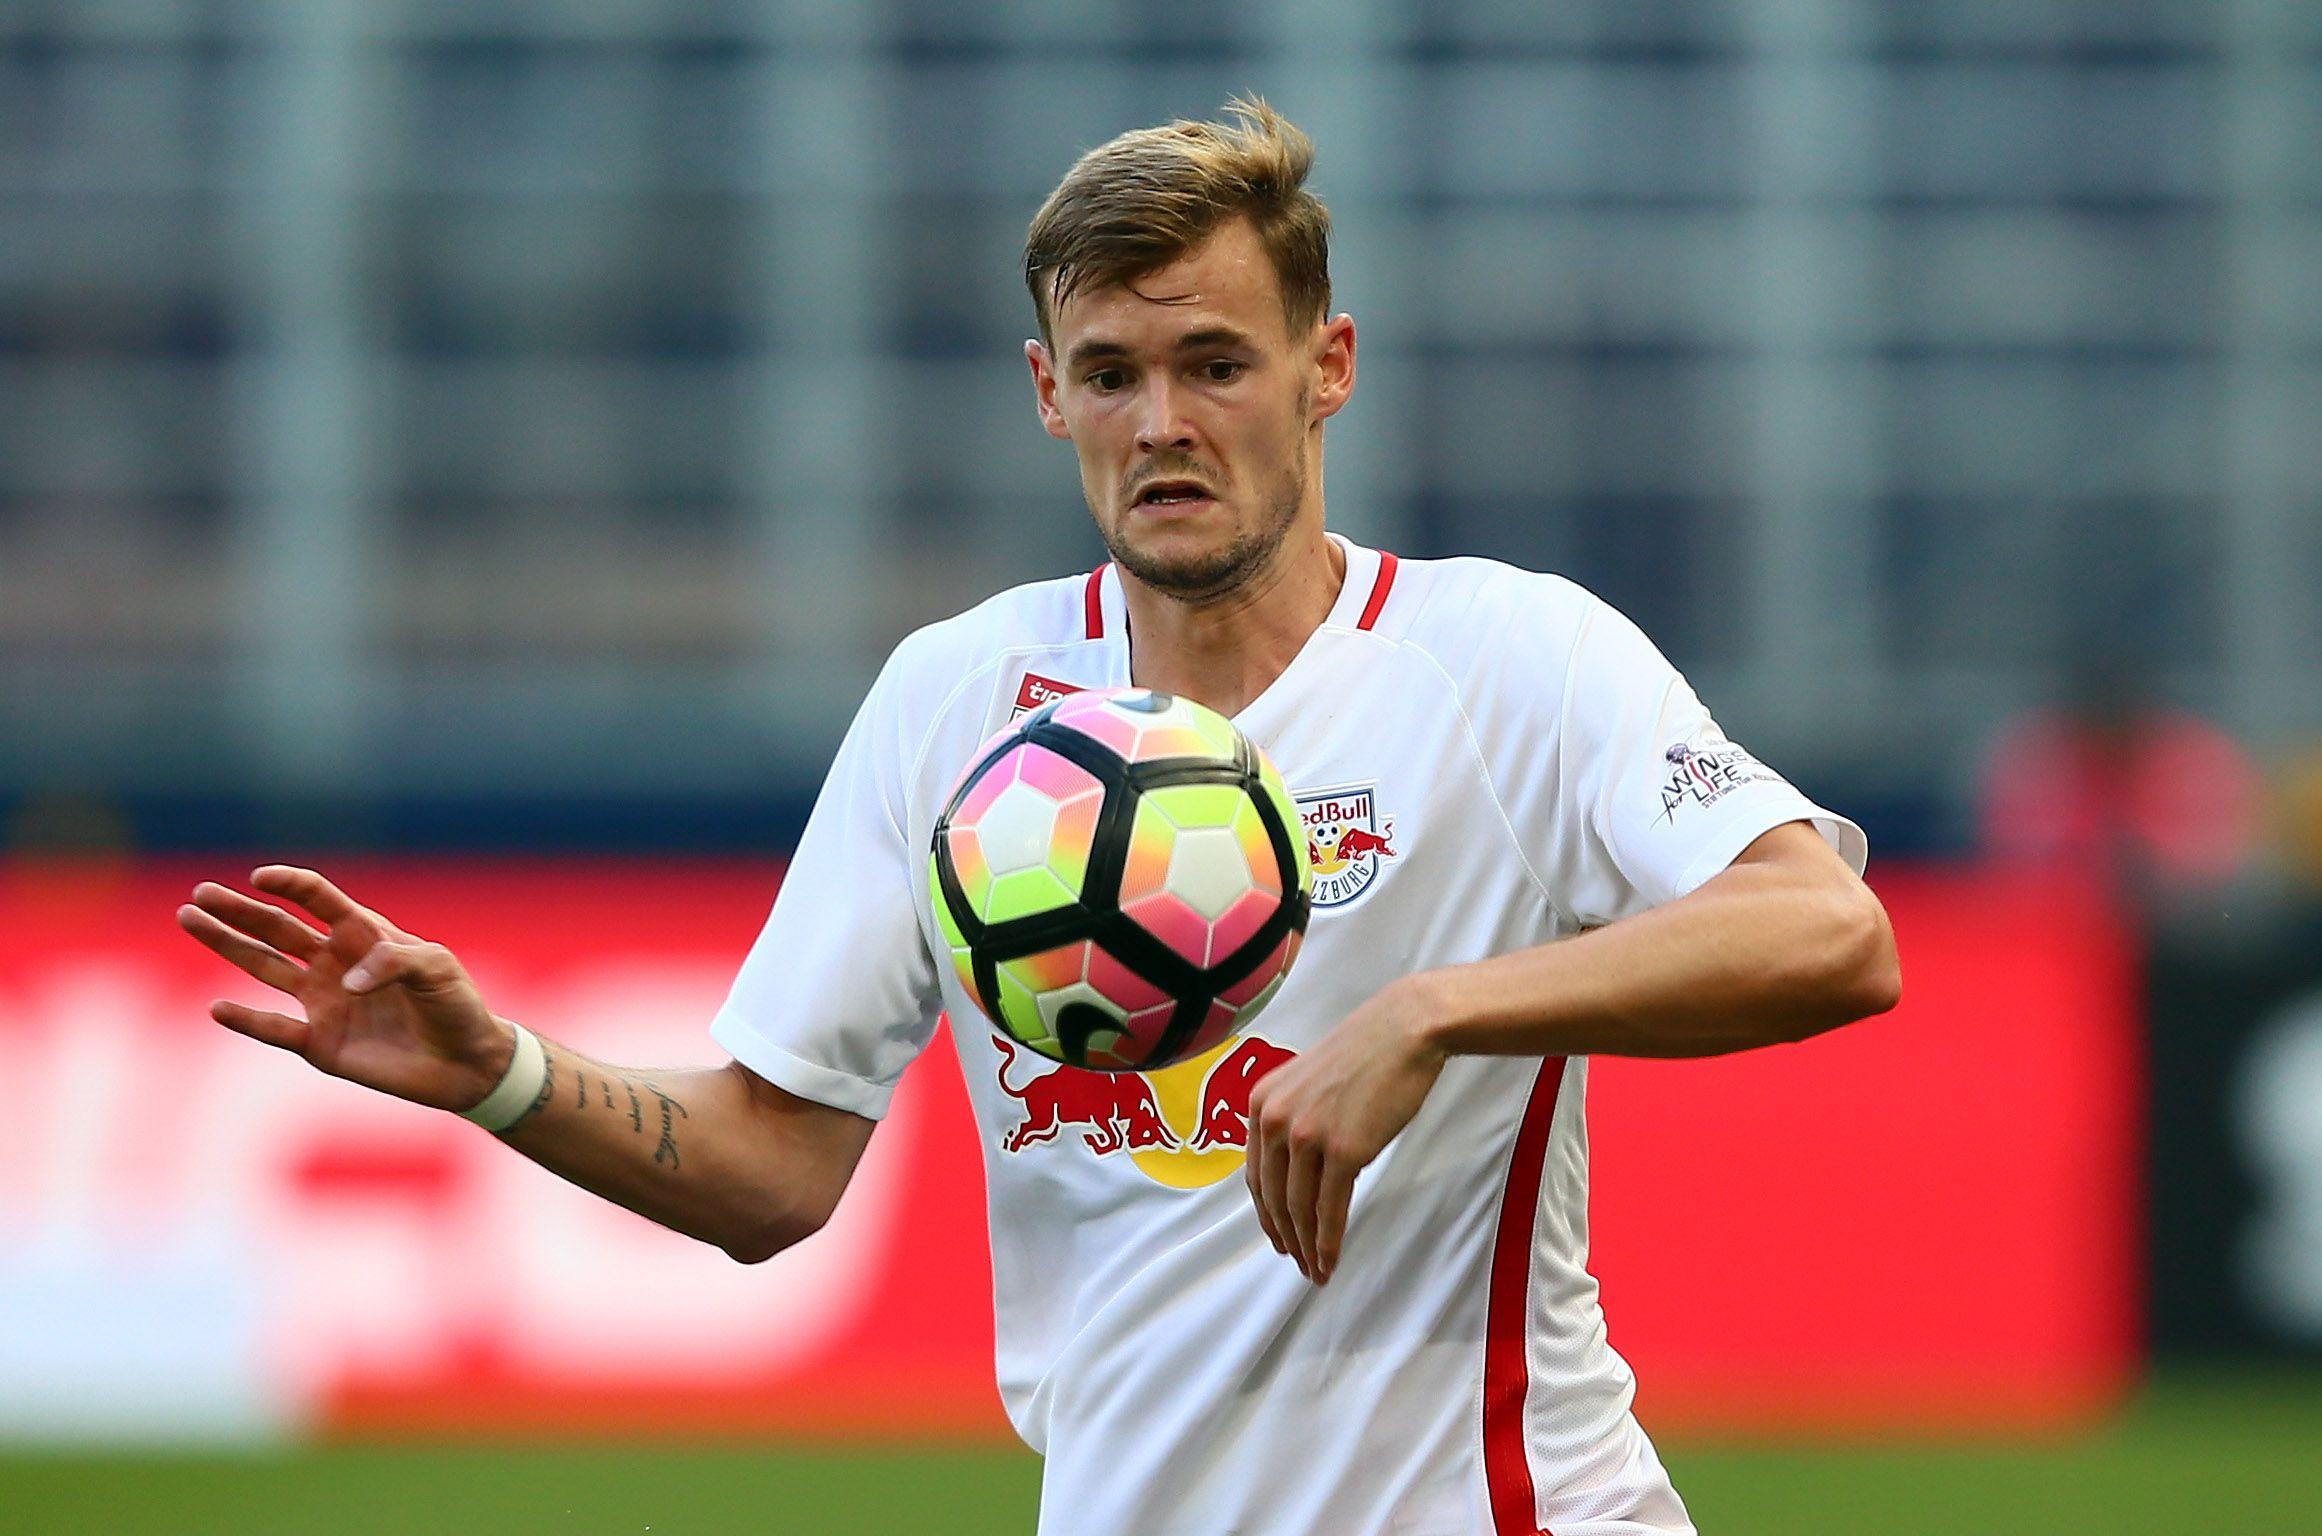 Ex-ÖFB-Teamspieler Stangl wechselt zu deutschem Drittligisten Türkgücü